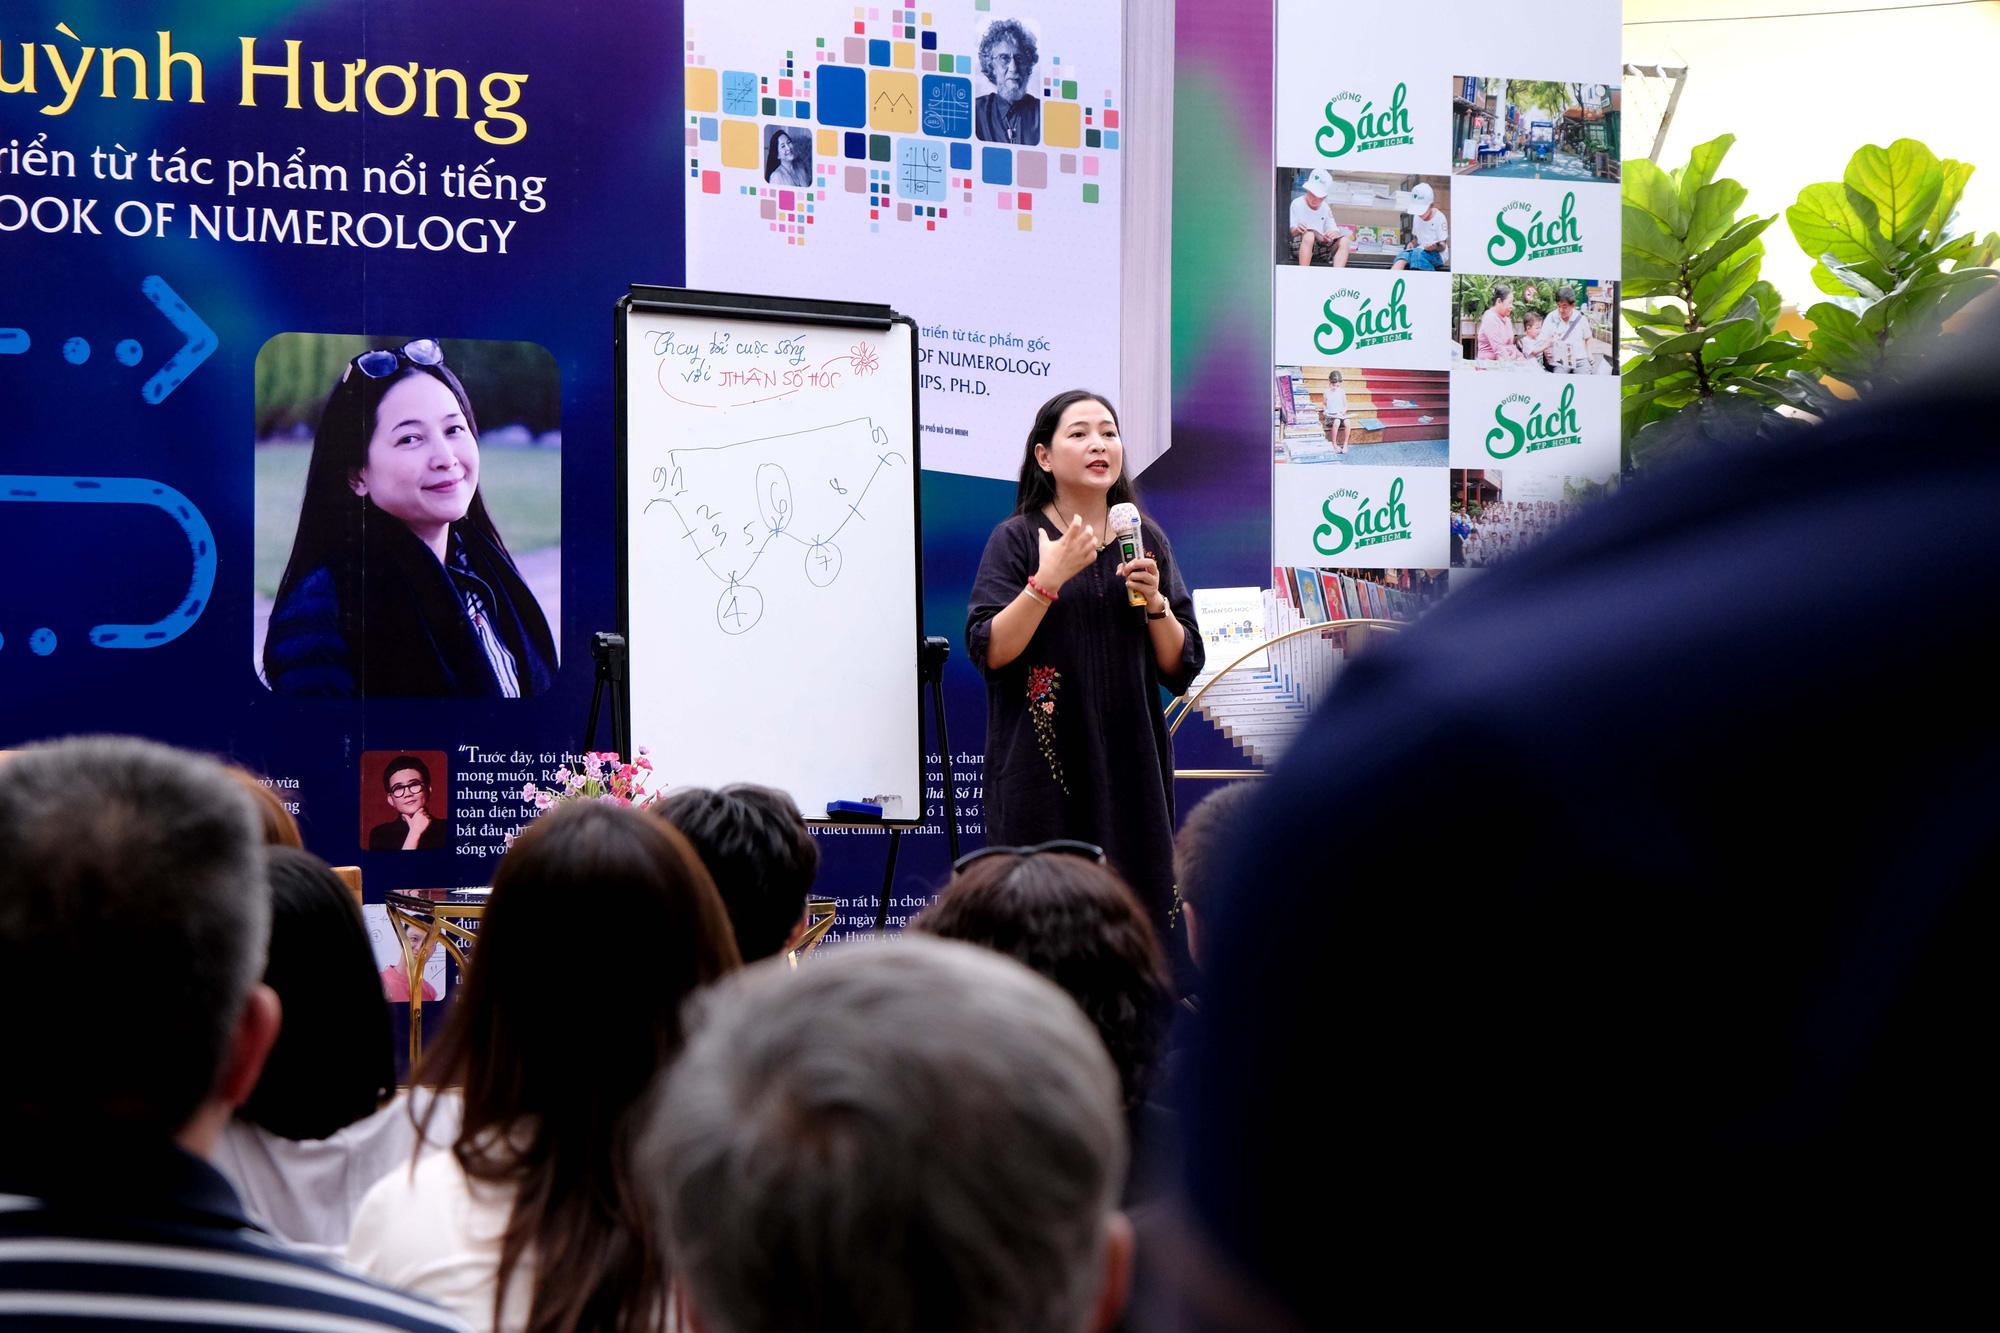 """MC Quỳnh Hương: """"Thử thách lớn nhất với tôi là chia tay với chương trình Thay lời muốn nói"""" - Ảnh 2."""